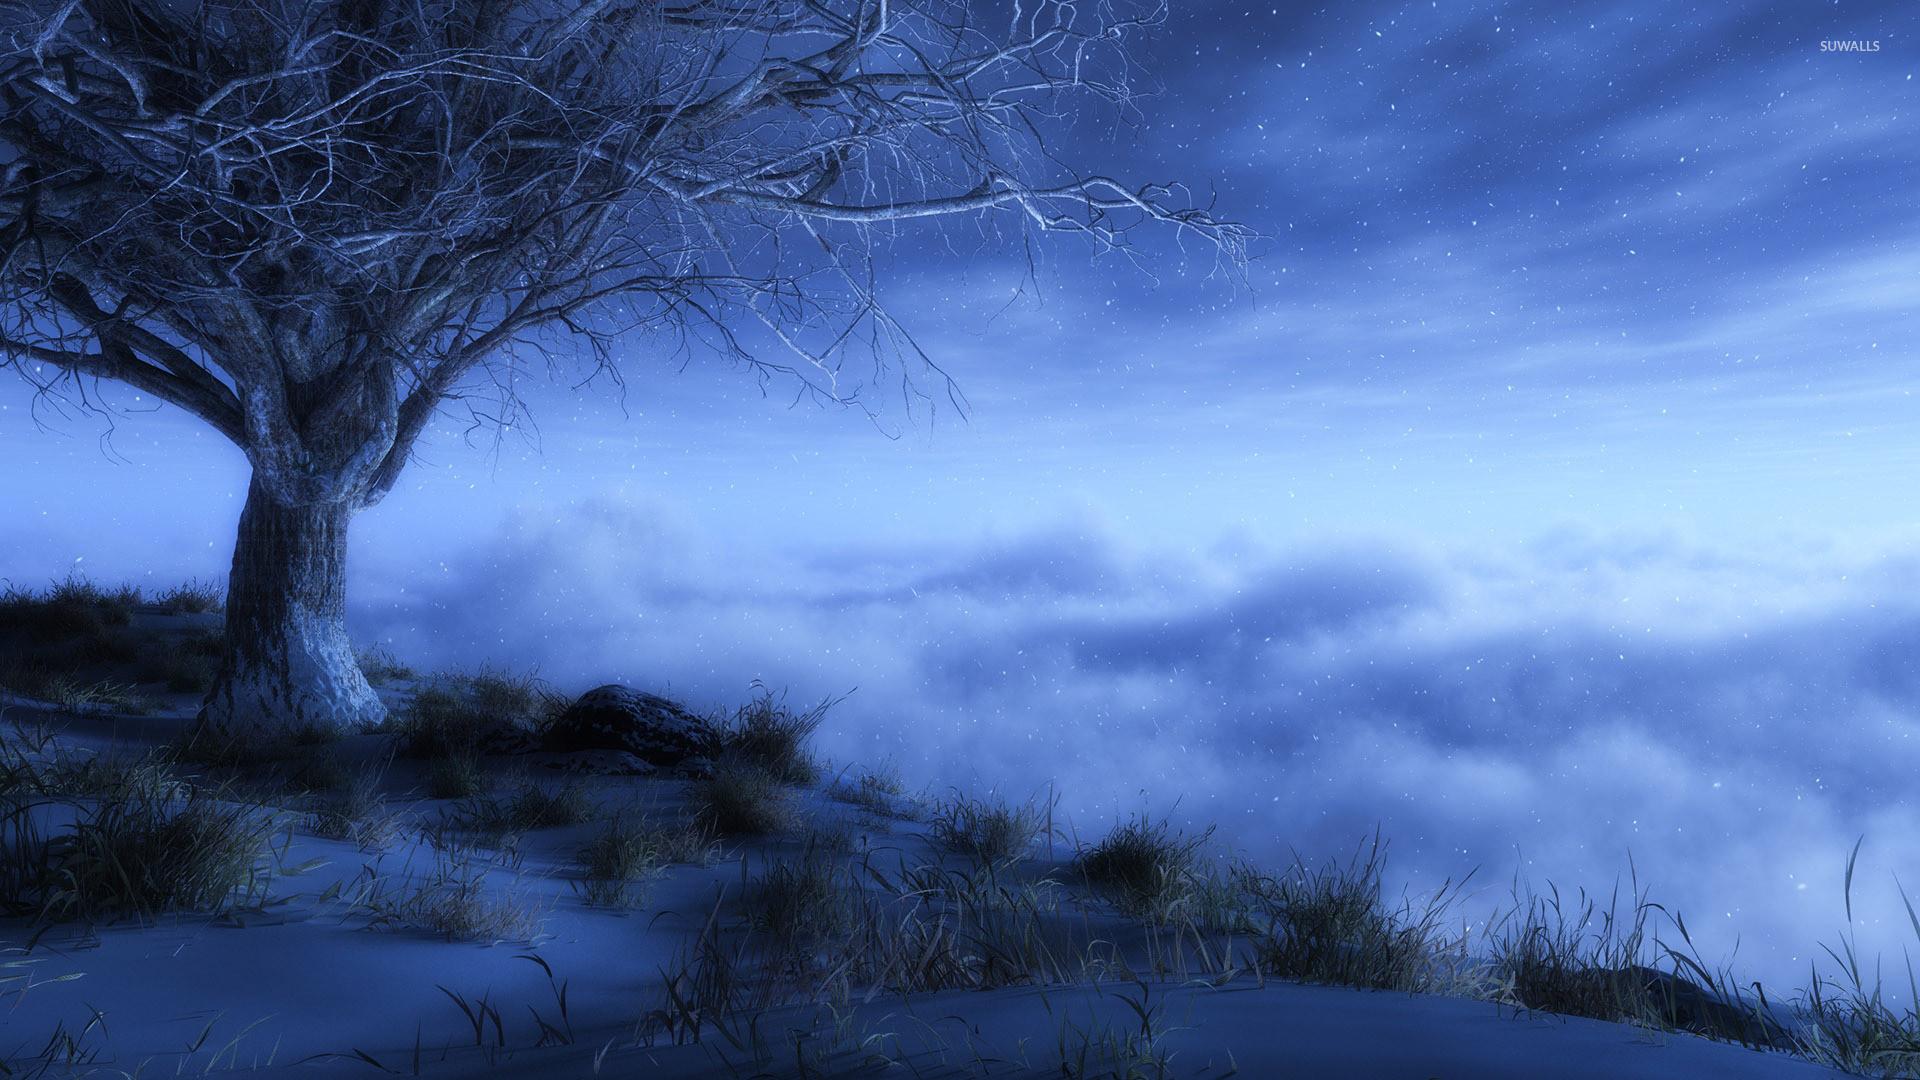 Winter night wallpaper jpg